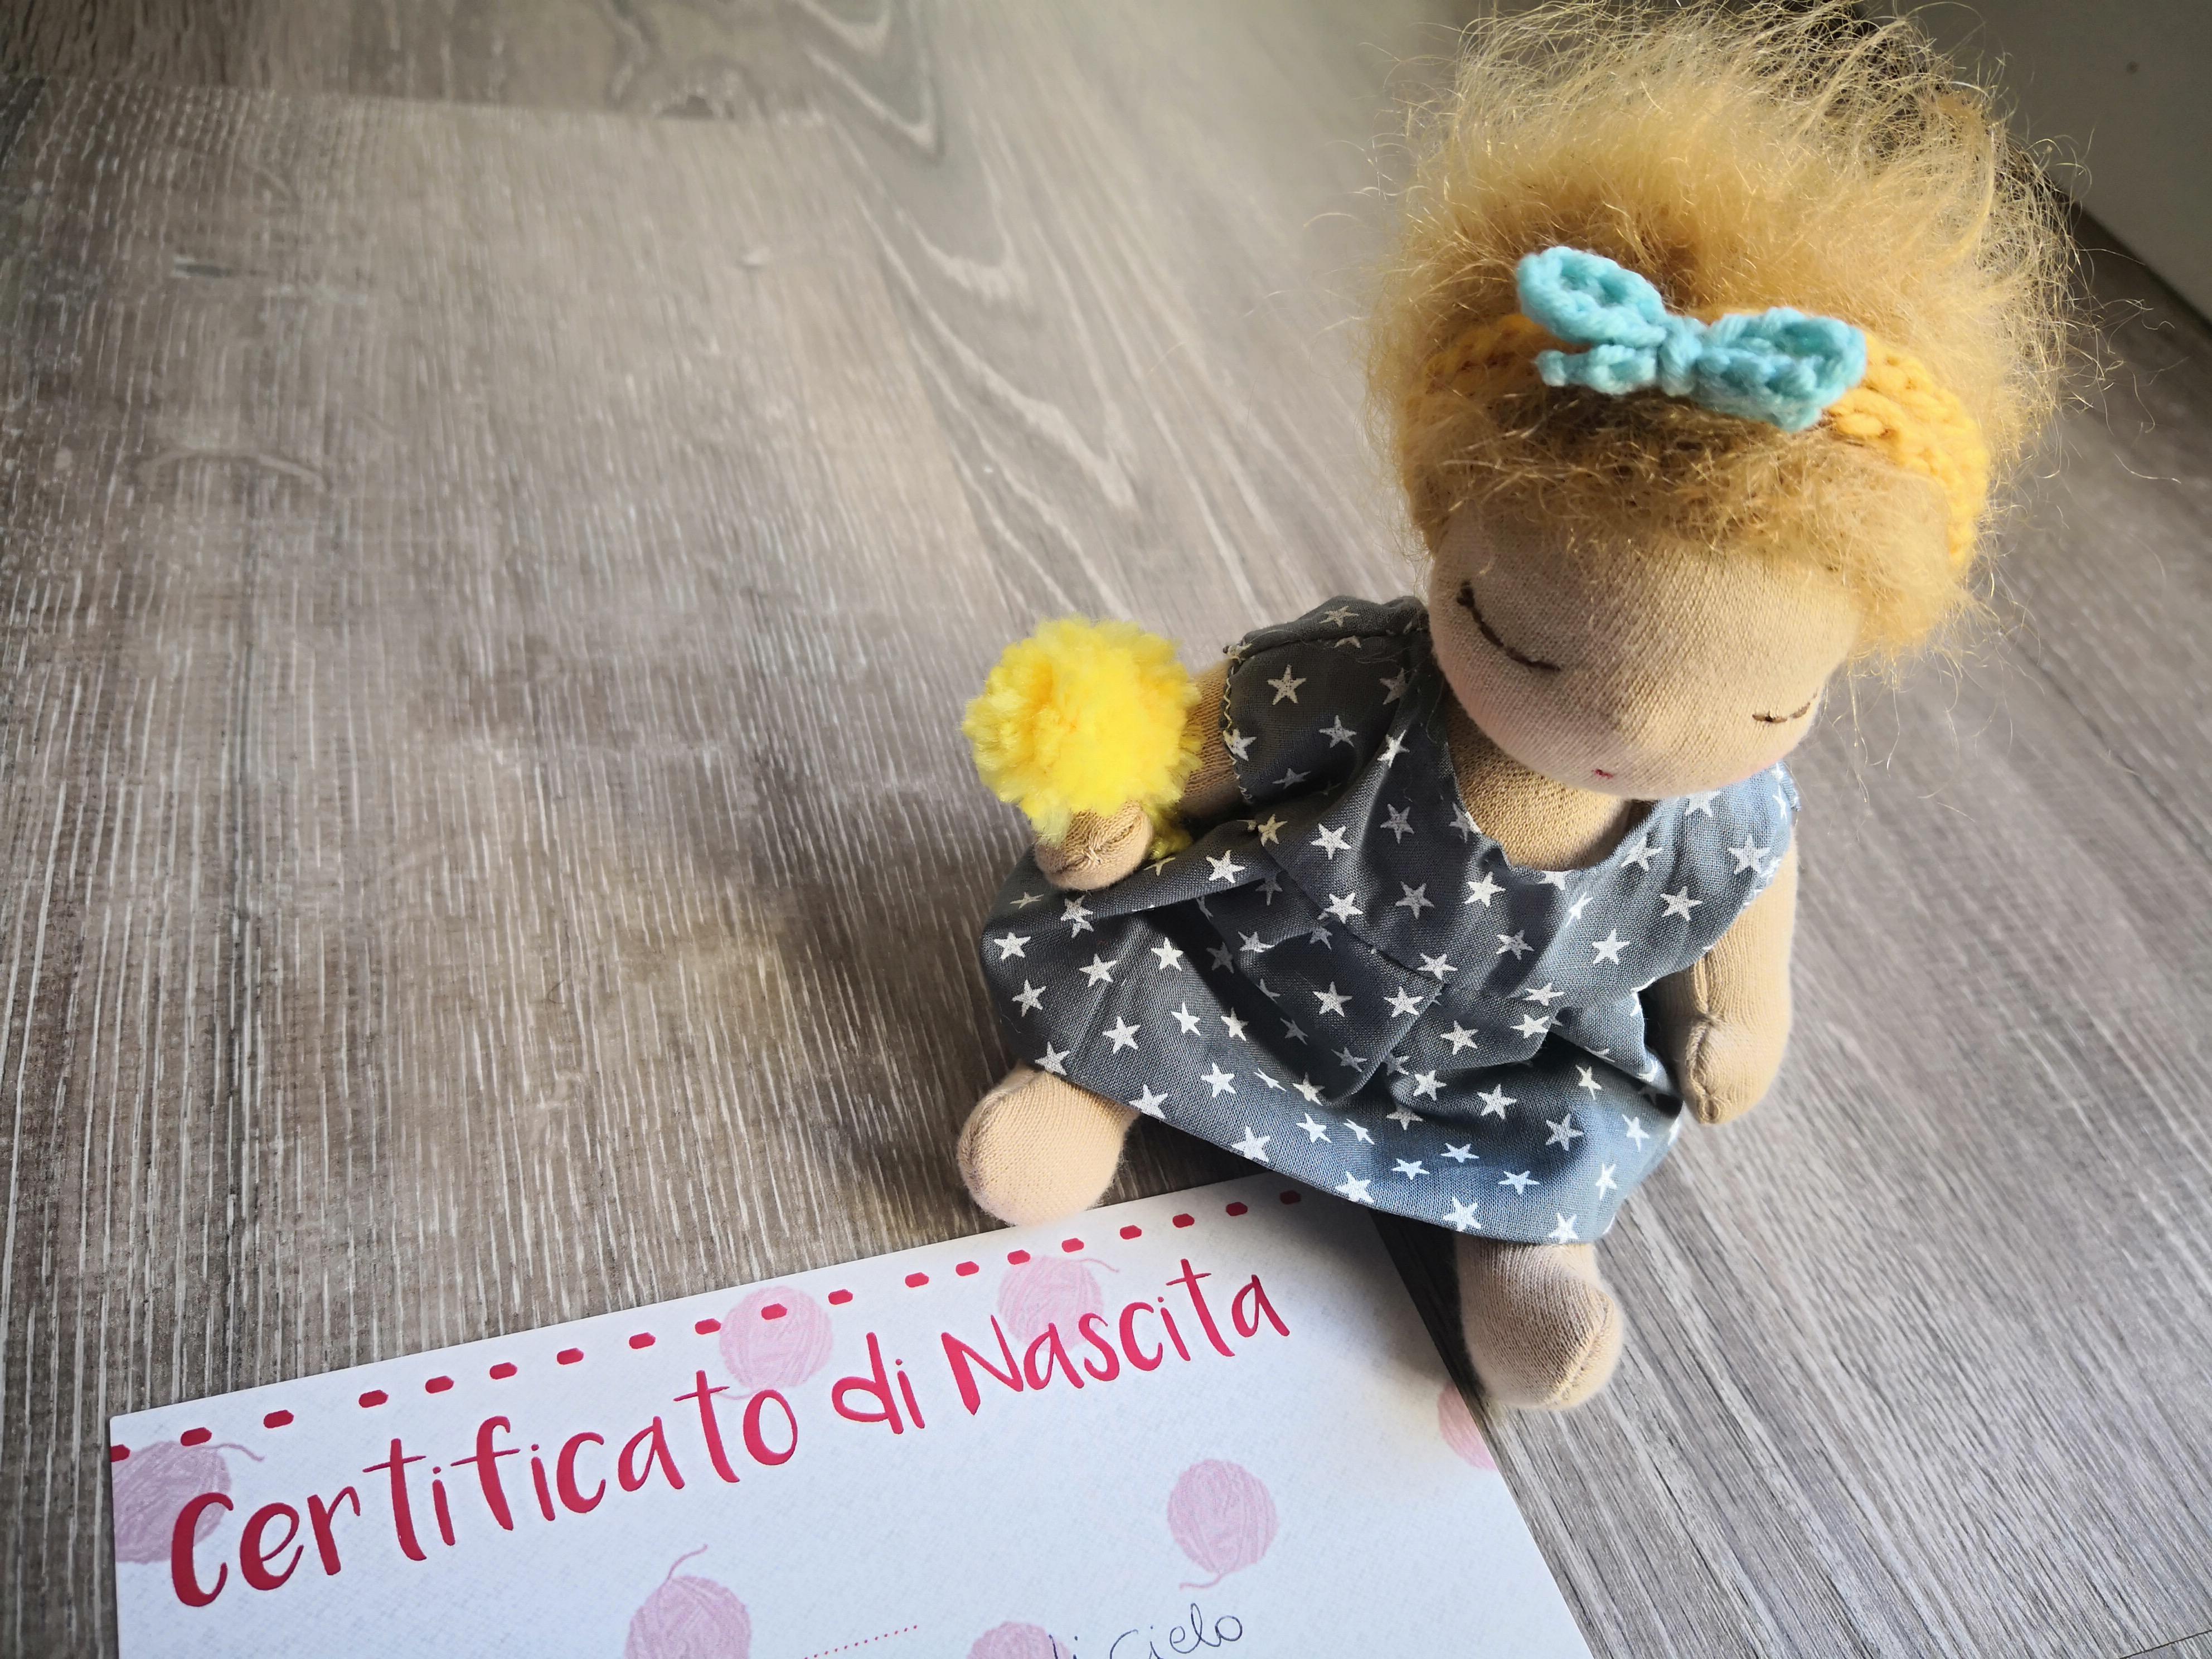 Un Certificato di Nascita per una Bambola?